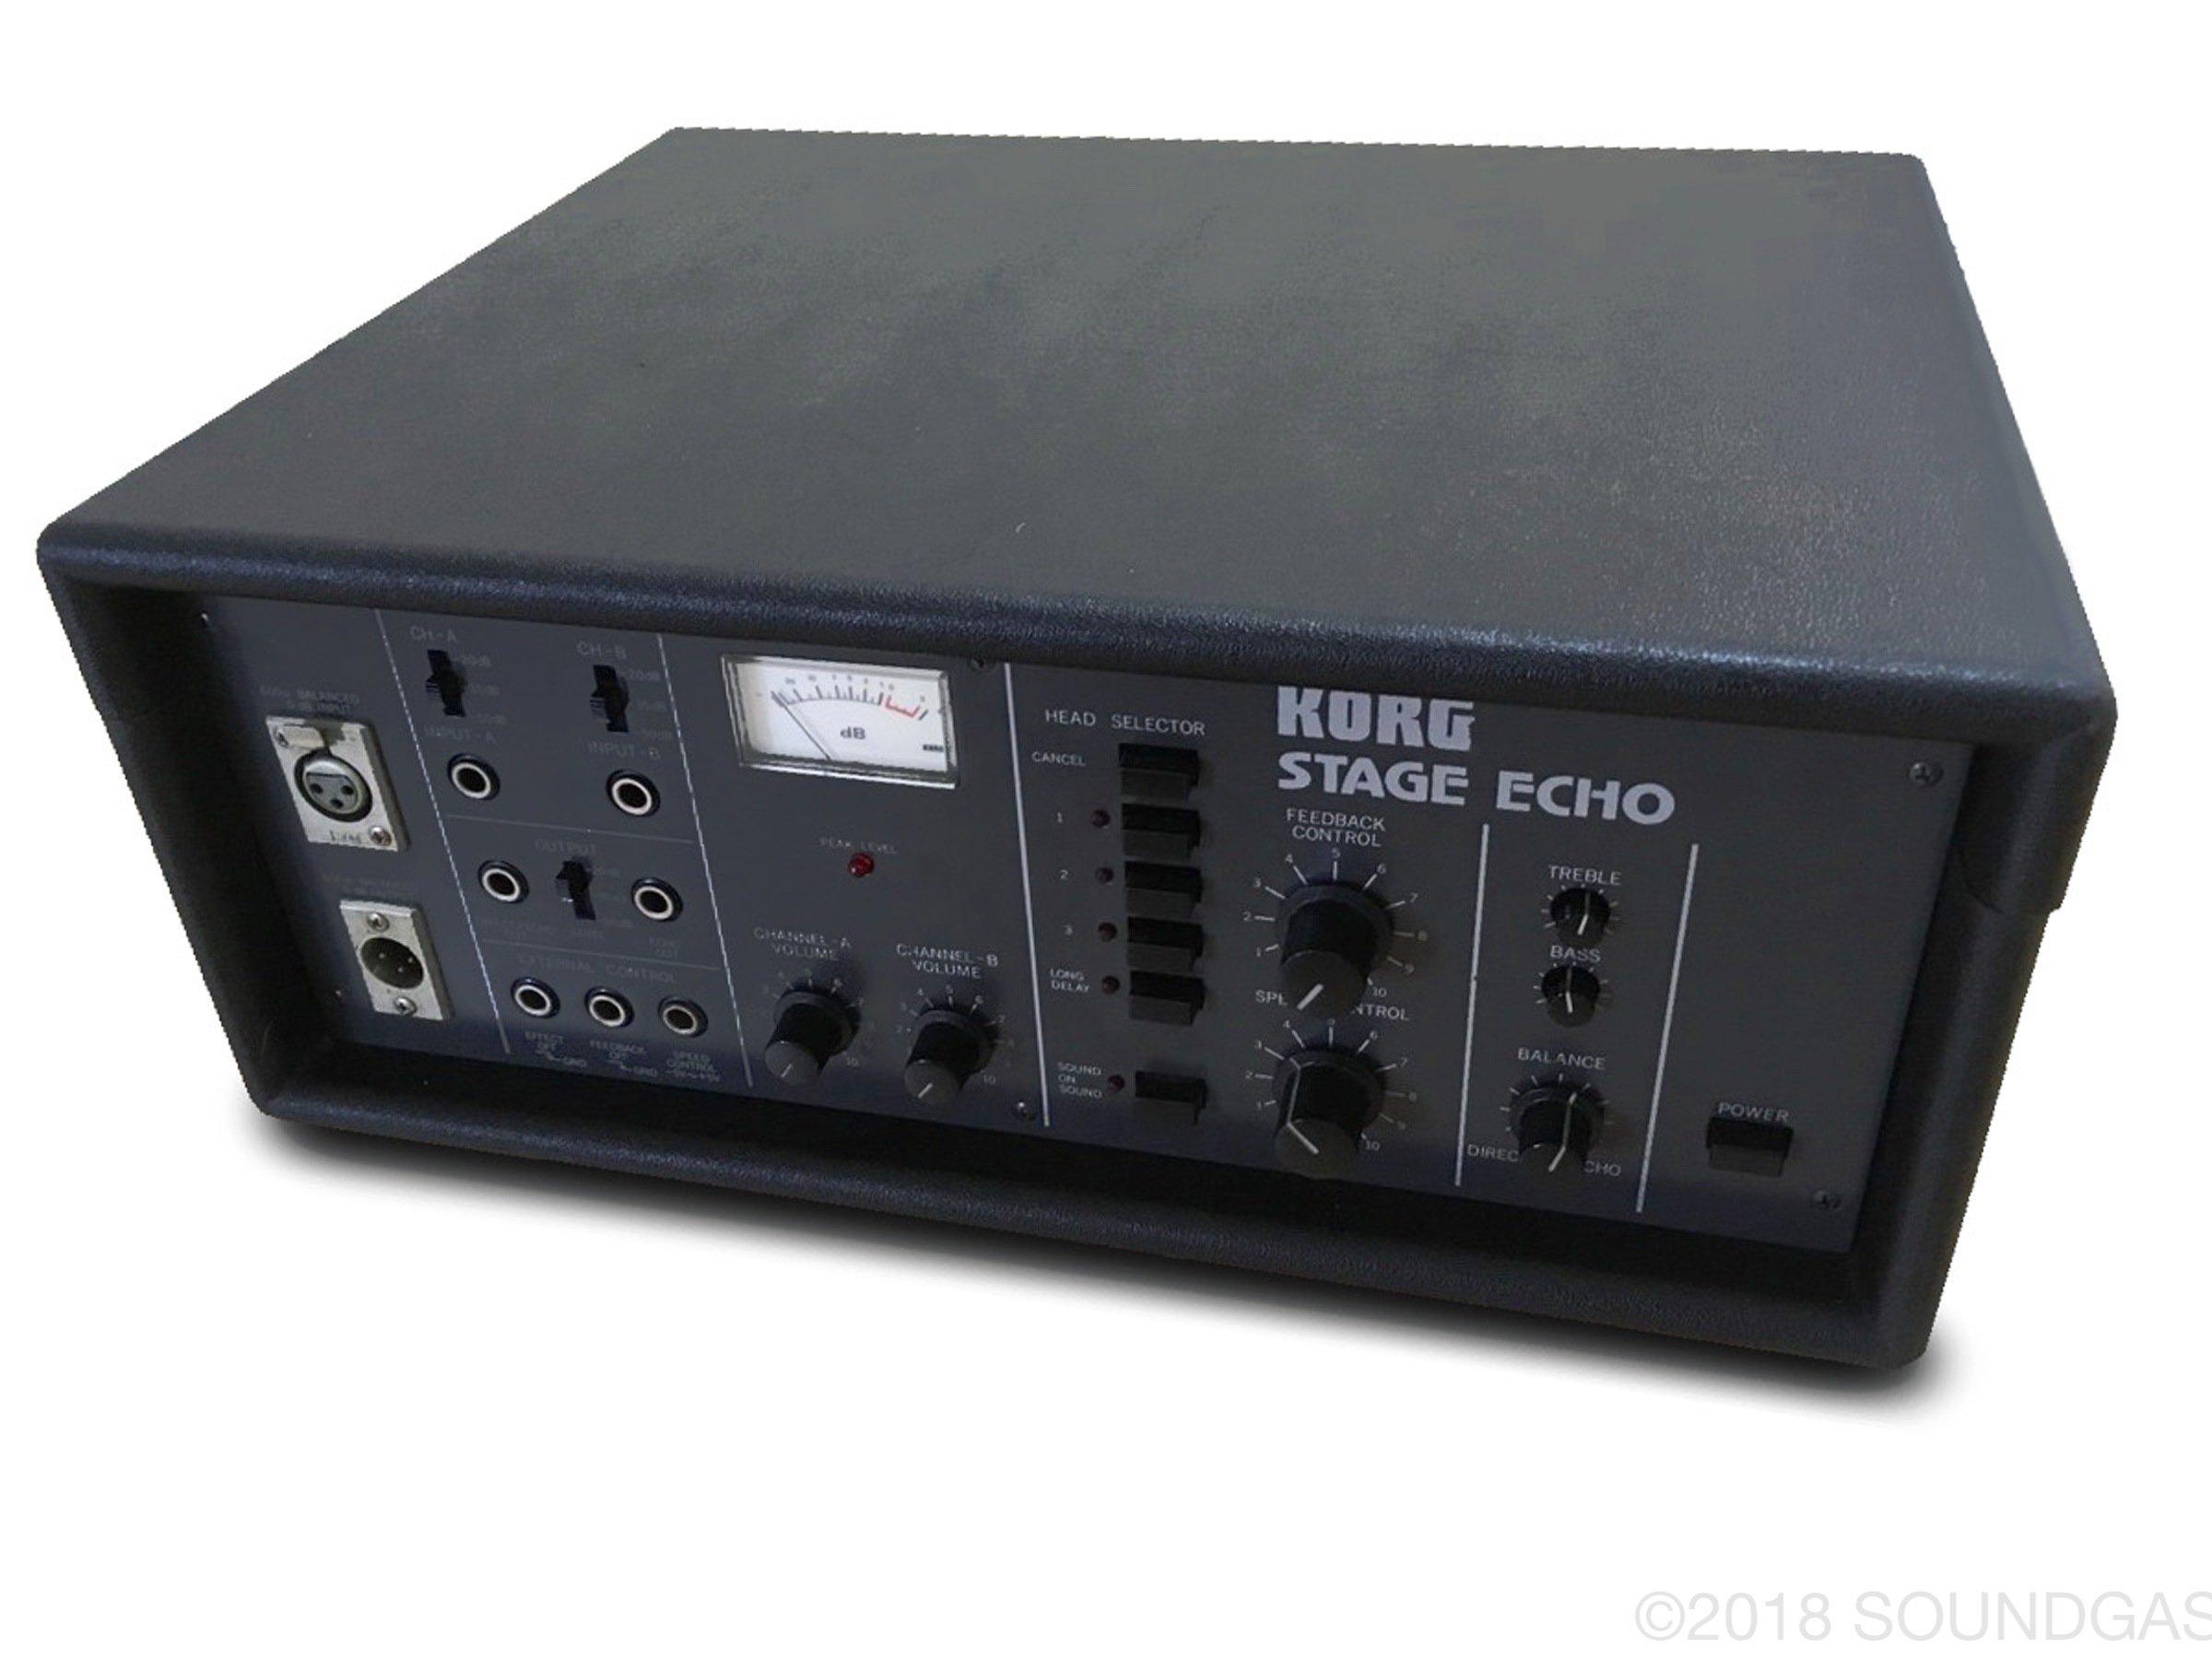 Korg-SE-500-Stage-Echo-Tape-Delay-Cover-2_1cef5b43-3e2a-461a-8f3a-48a6dc6355e1